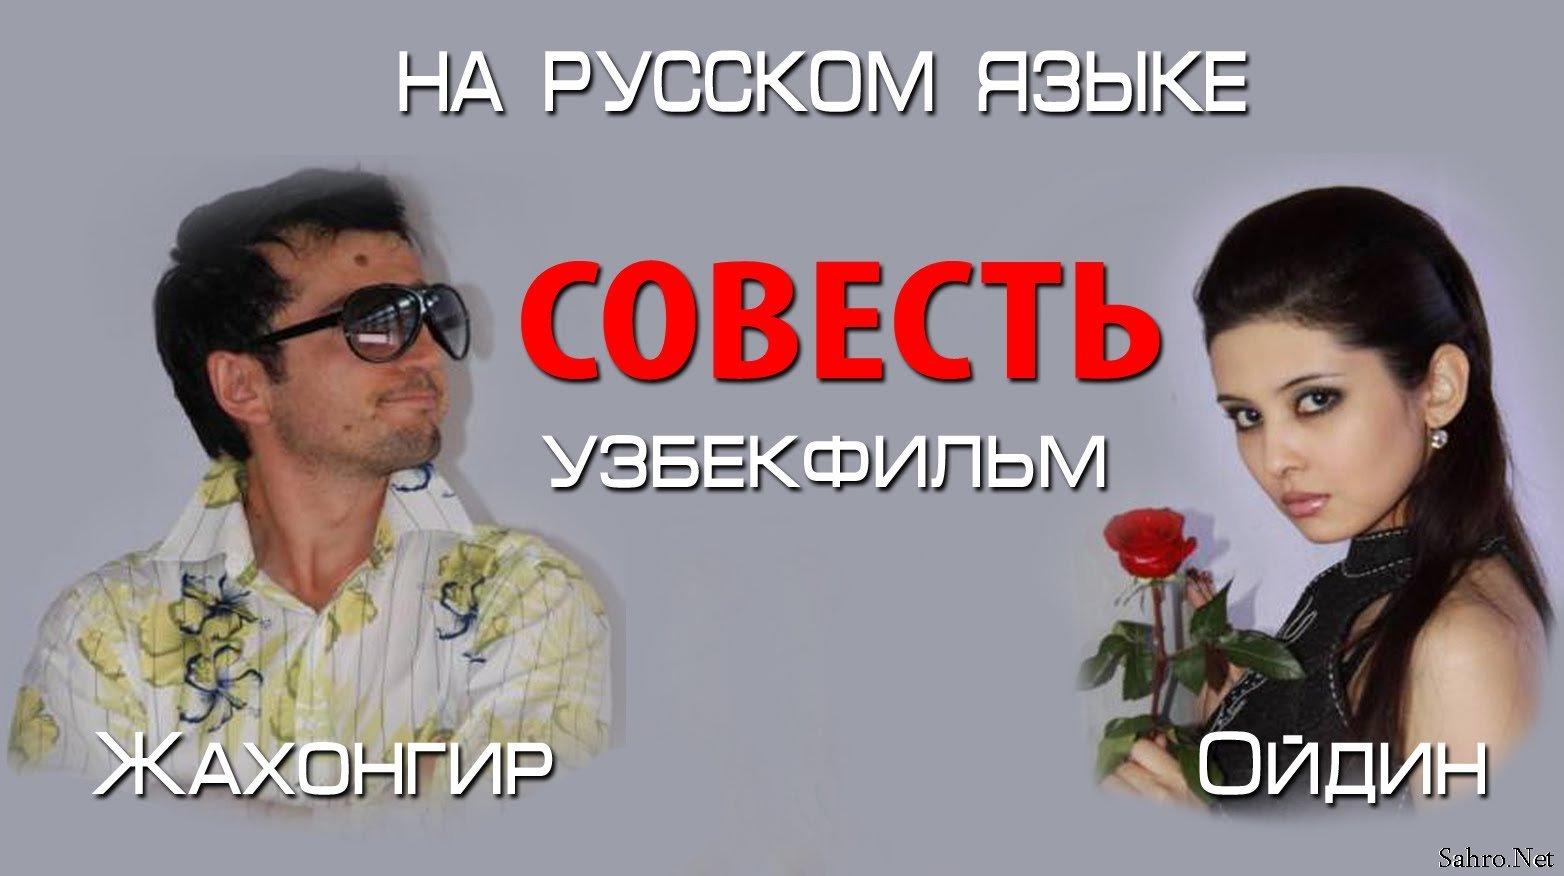 Фильм свекровь на русском